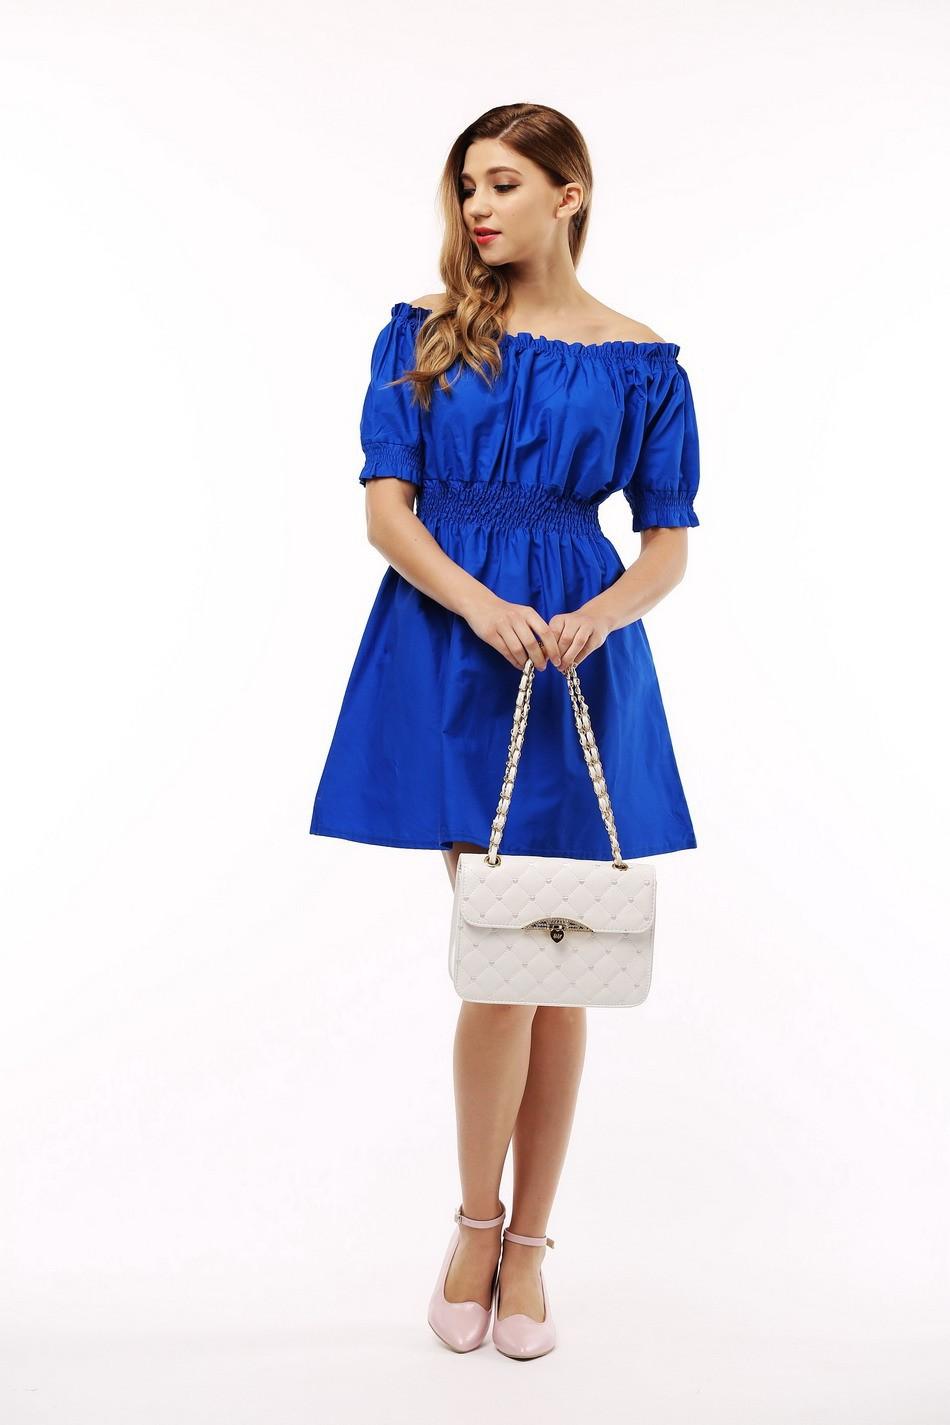 100% bawełna nowy 2017 jesień lato kobiety dress krótki rękaw casual sukienki plus size vestidos wc0380 16